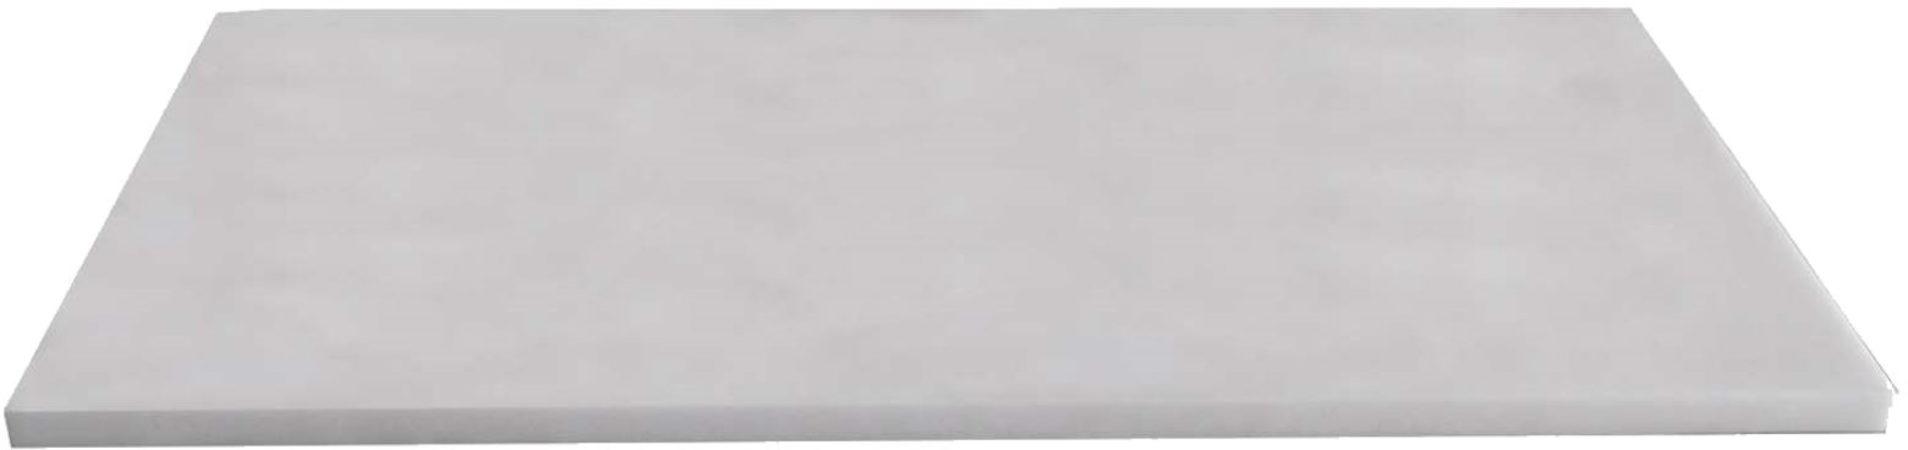 Afbeelding van Sanilux Meubelblad wit Marmer 100 cm